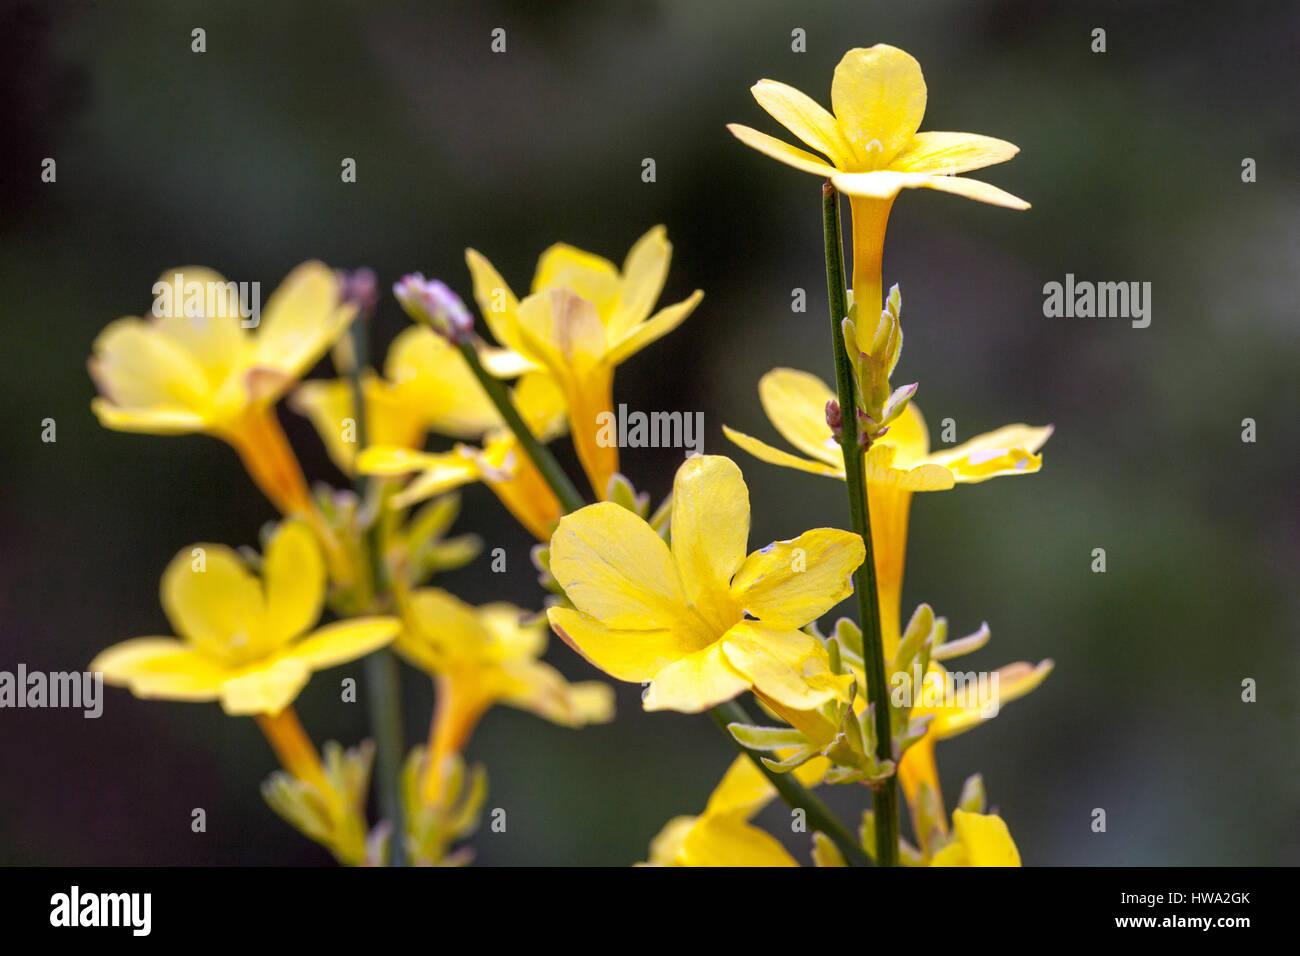 Winter jasmine jasminum nudiflorum stock photos winter jasmine winter jasmine jasminum nudiflorum flowering twigs stock image izmirmasajfo